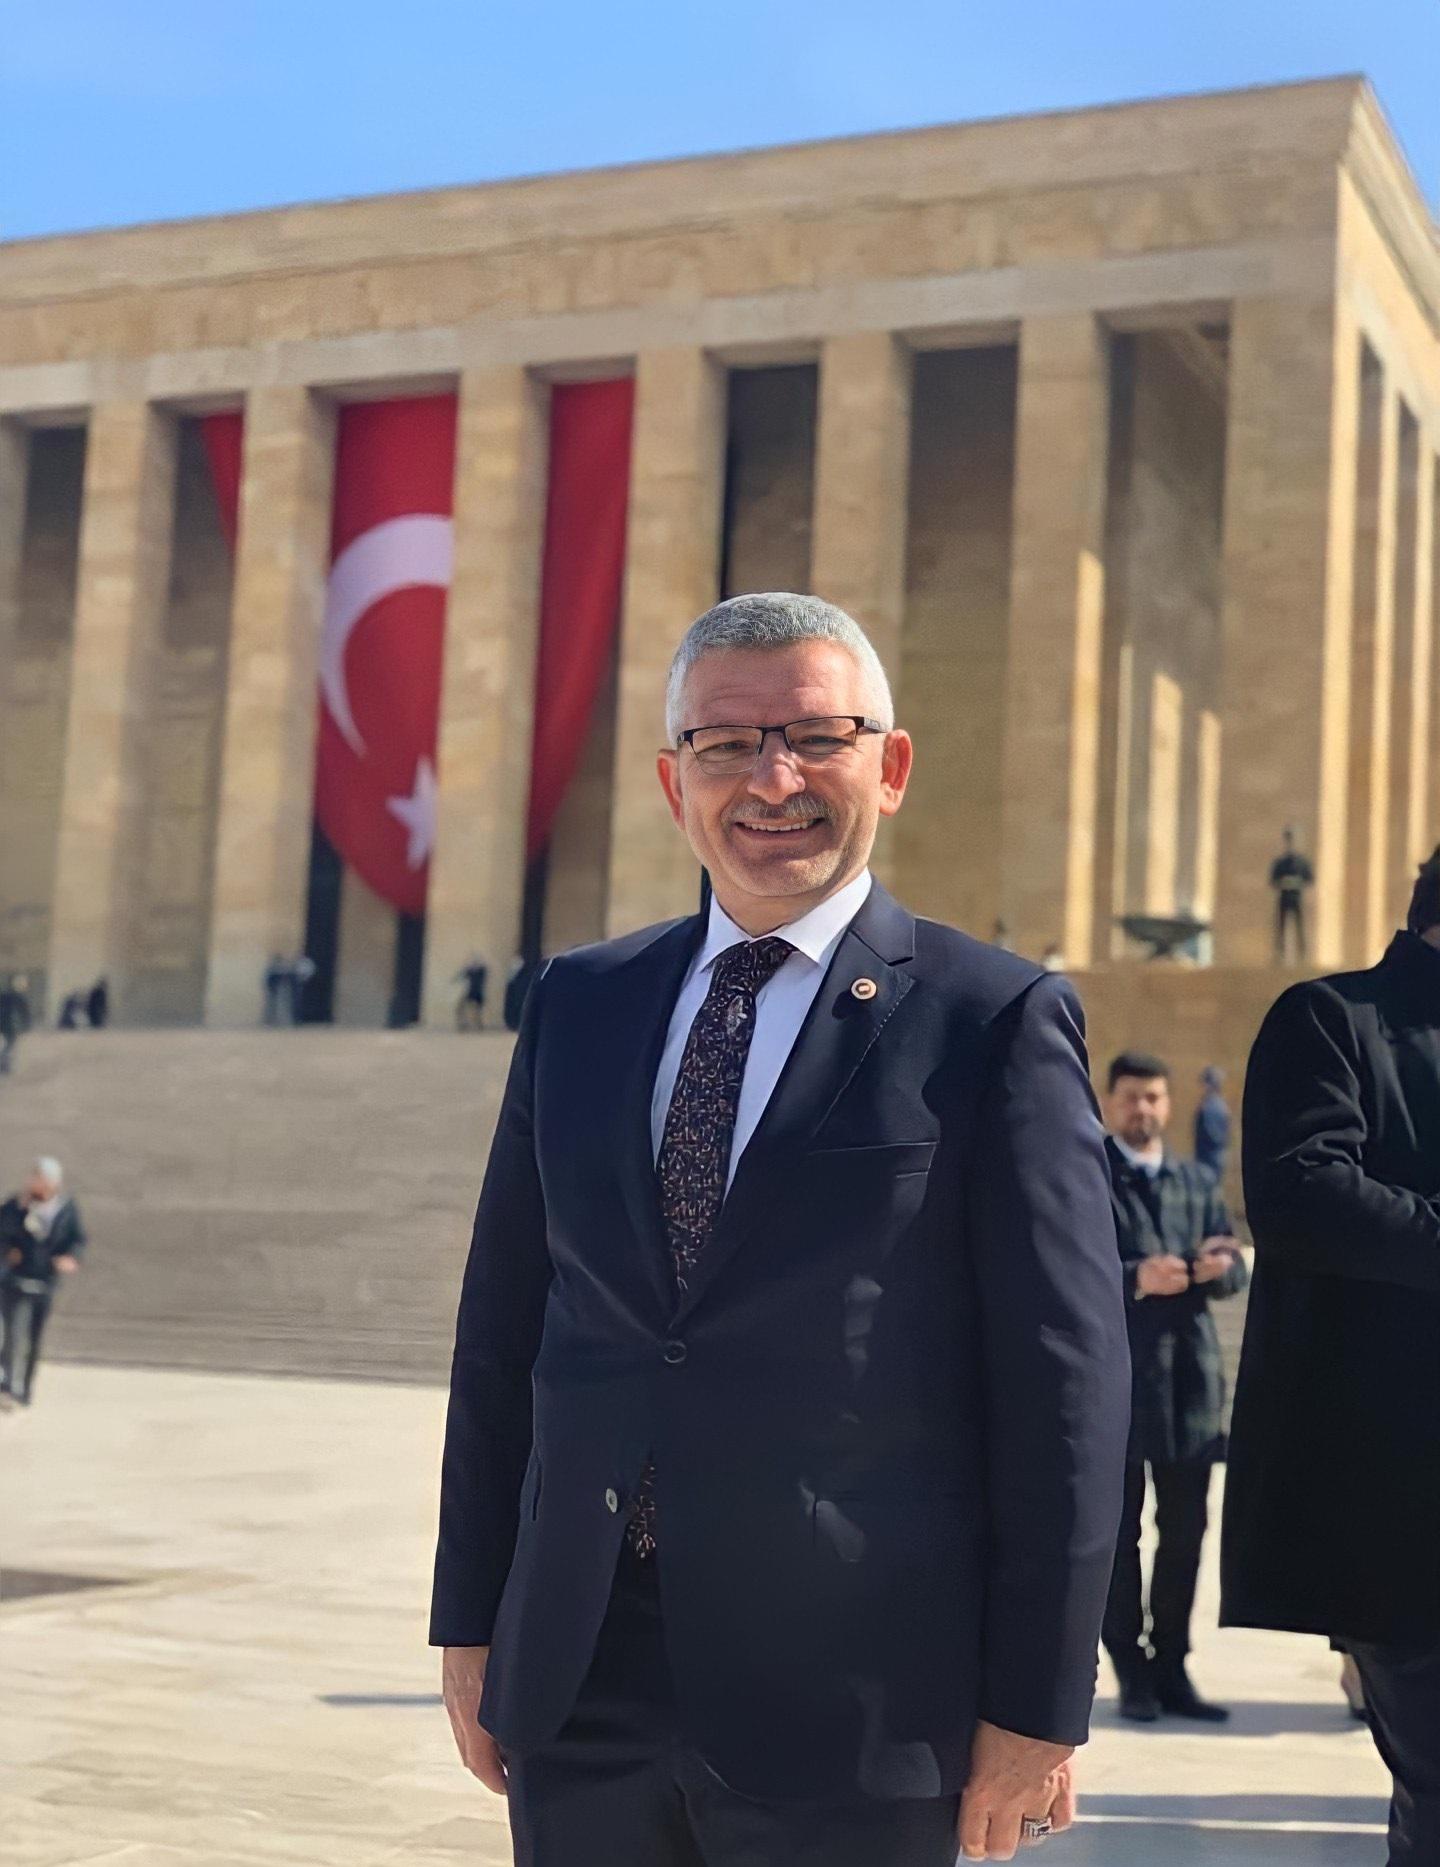 Mv. Av. Aydın'ın 23 Nisan Ulusal Egemenlik ve Çocuk Bayramı mesajı